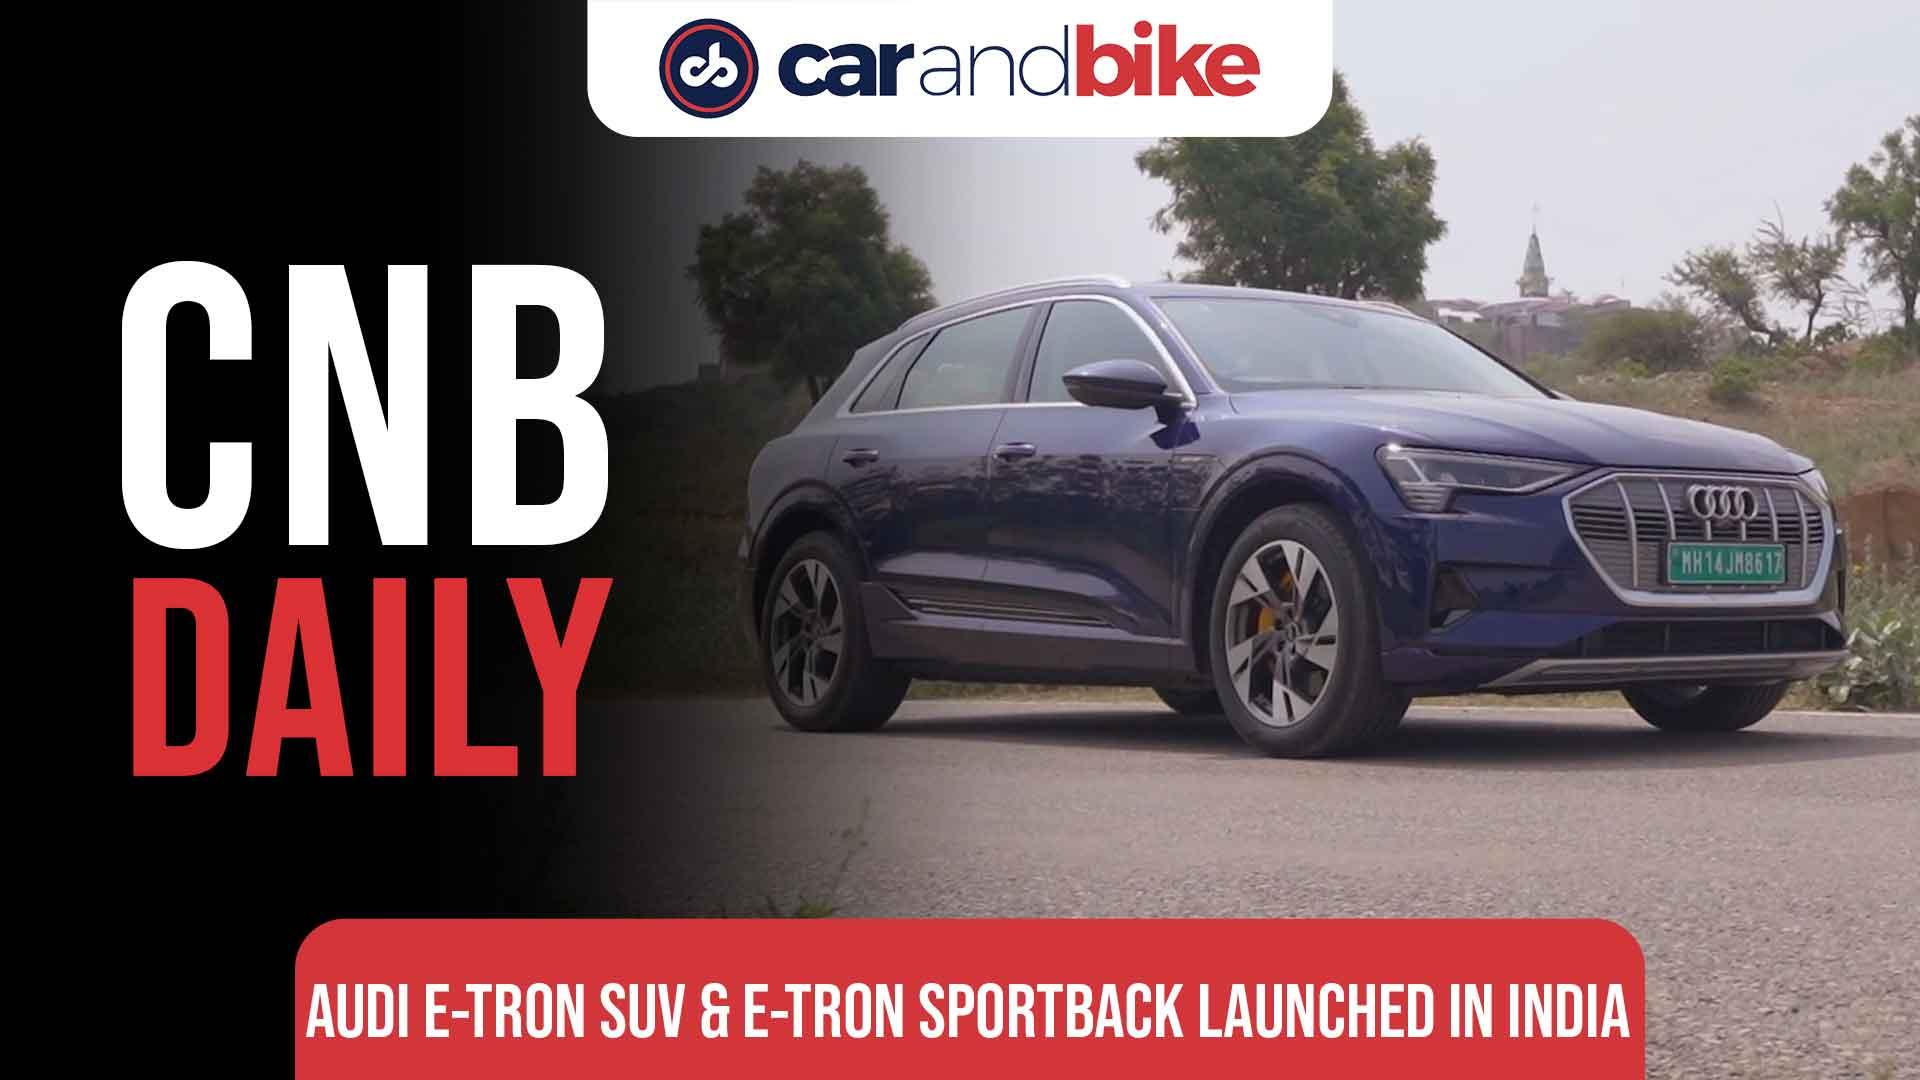 Audi e-tron SUV & e-tron Sportback launched in India